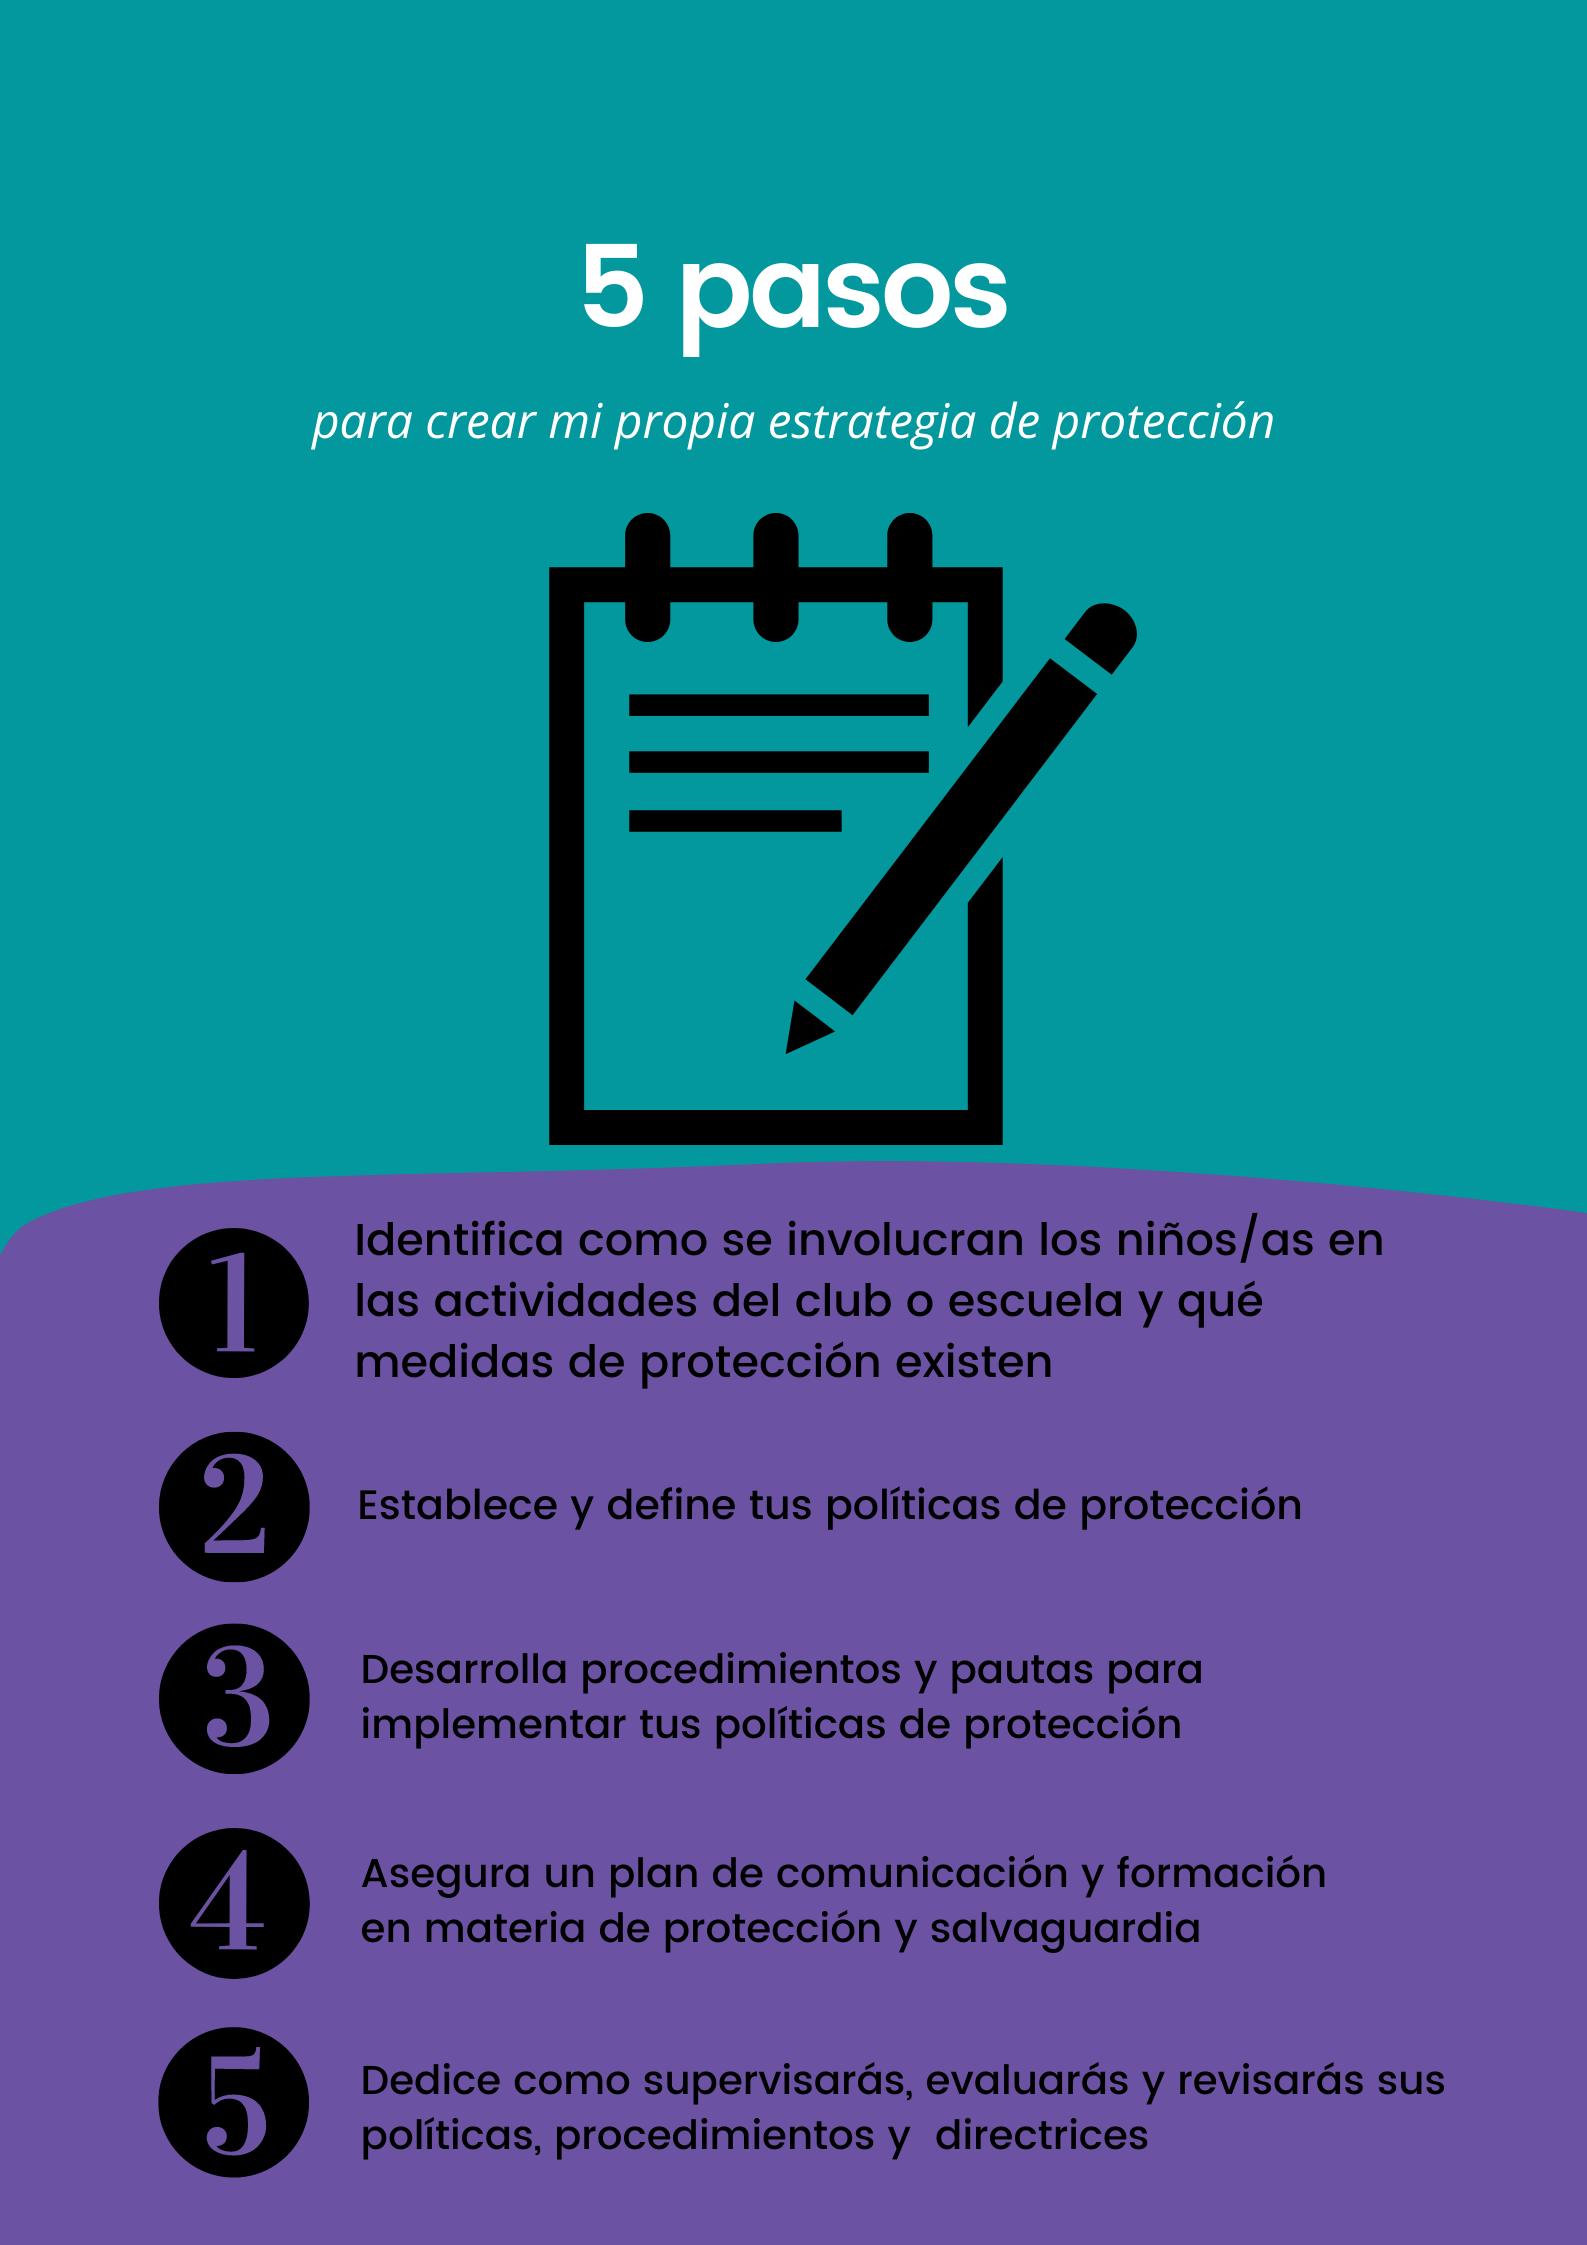 Estrategia de protección en 5 pasos